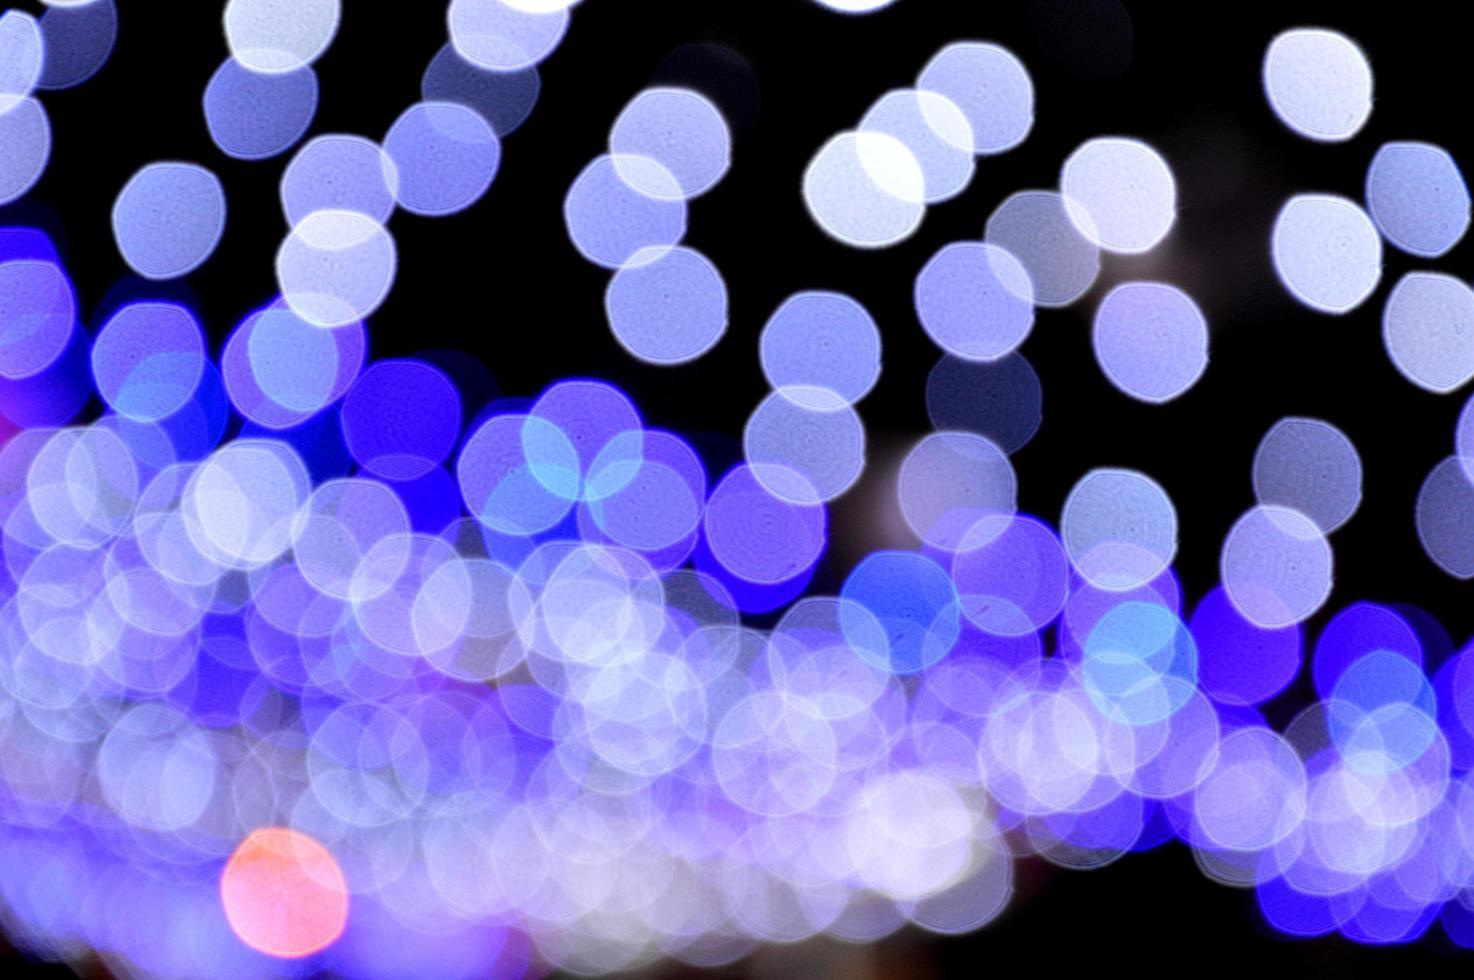 blaues und lila Bokeh foto